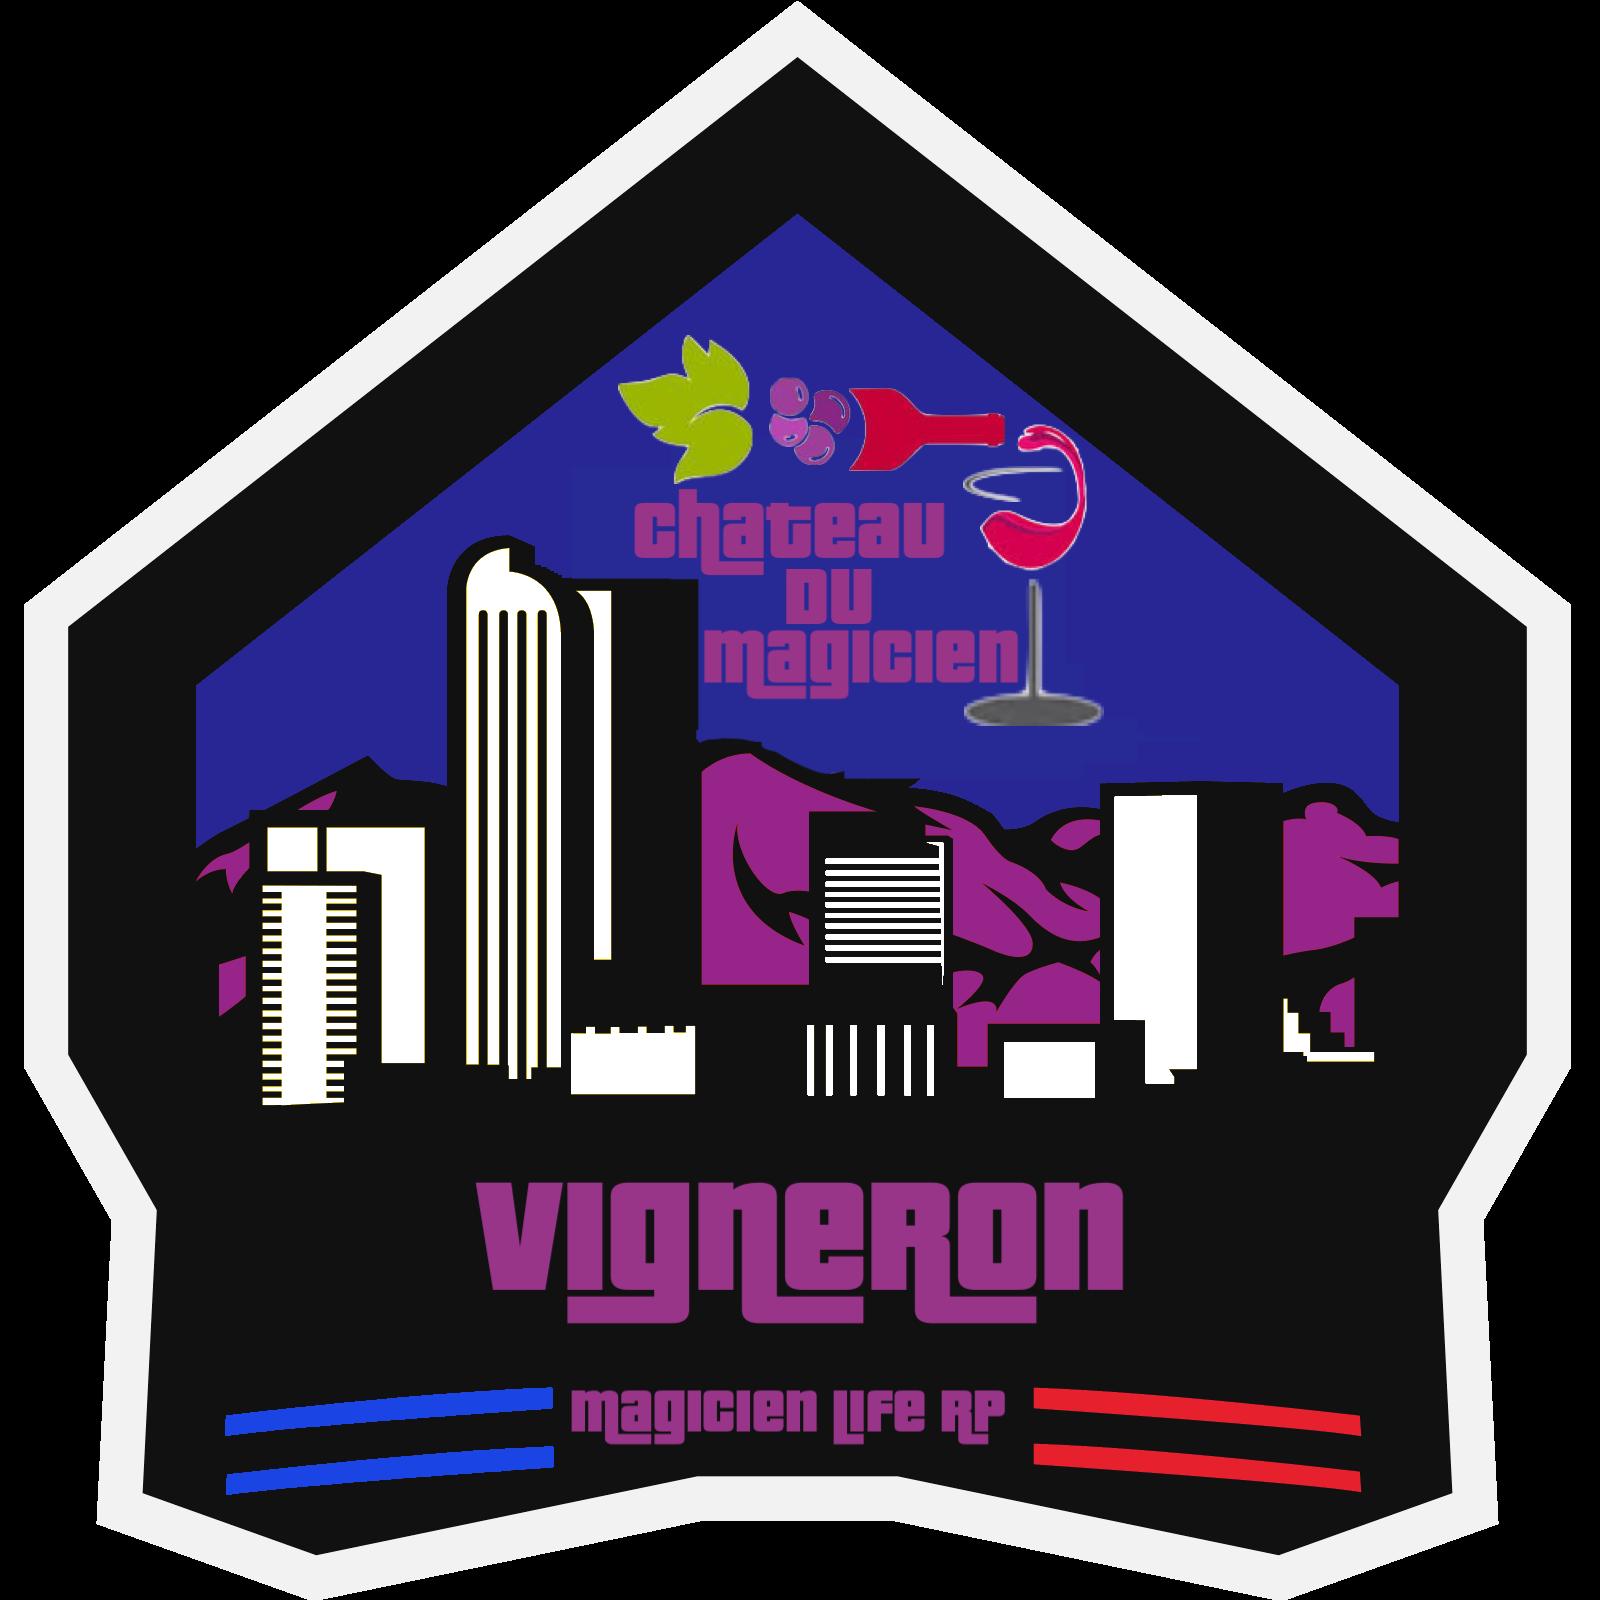 6070f7e4d9a4a-Magicien_Vigneron.png